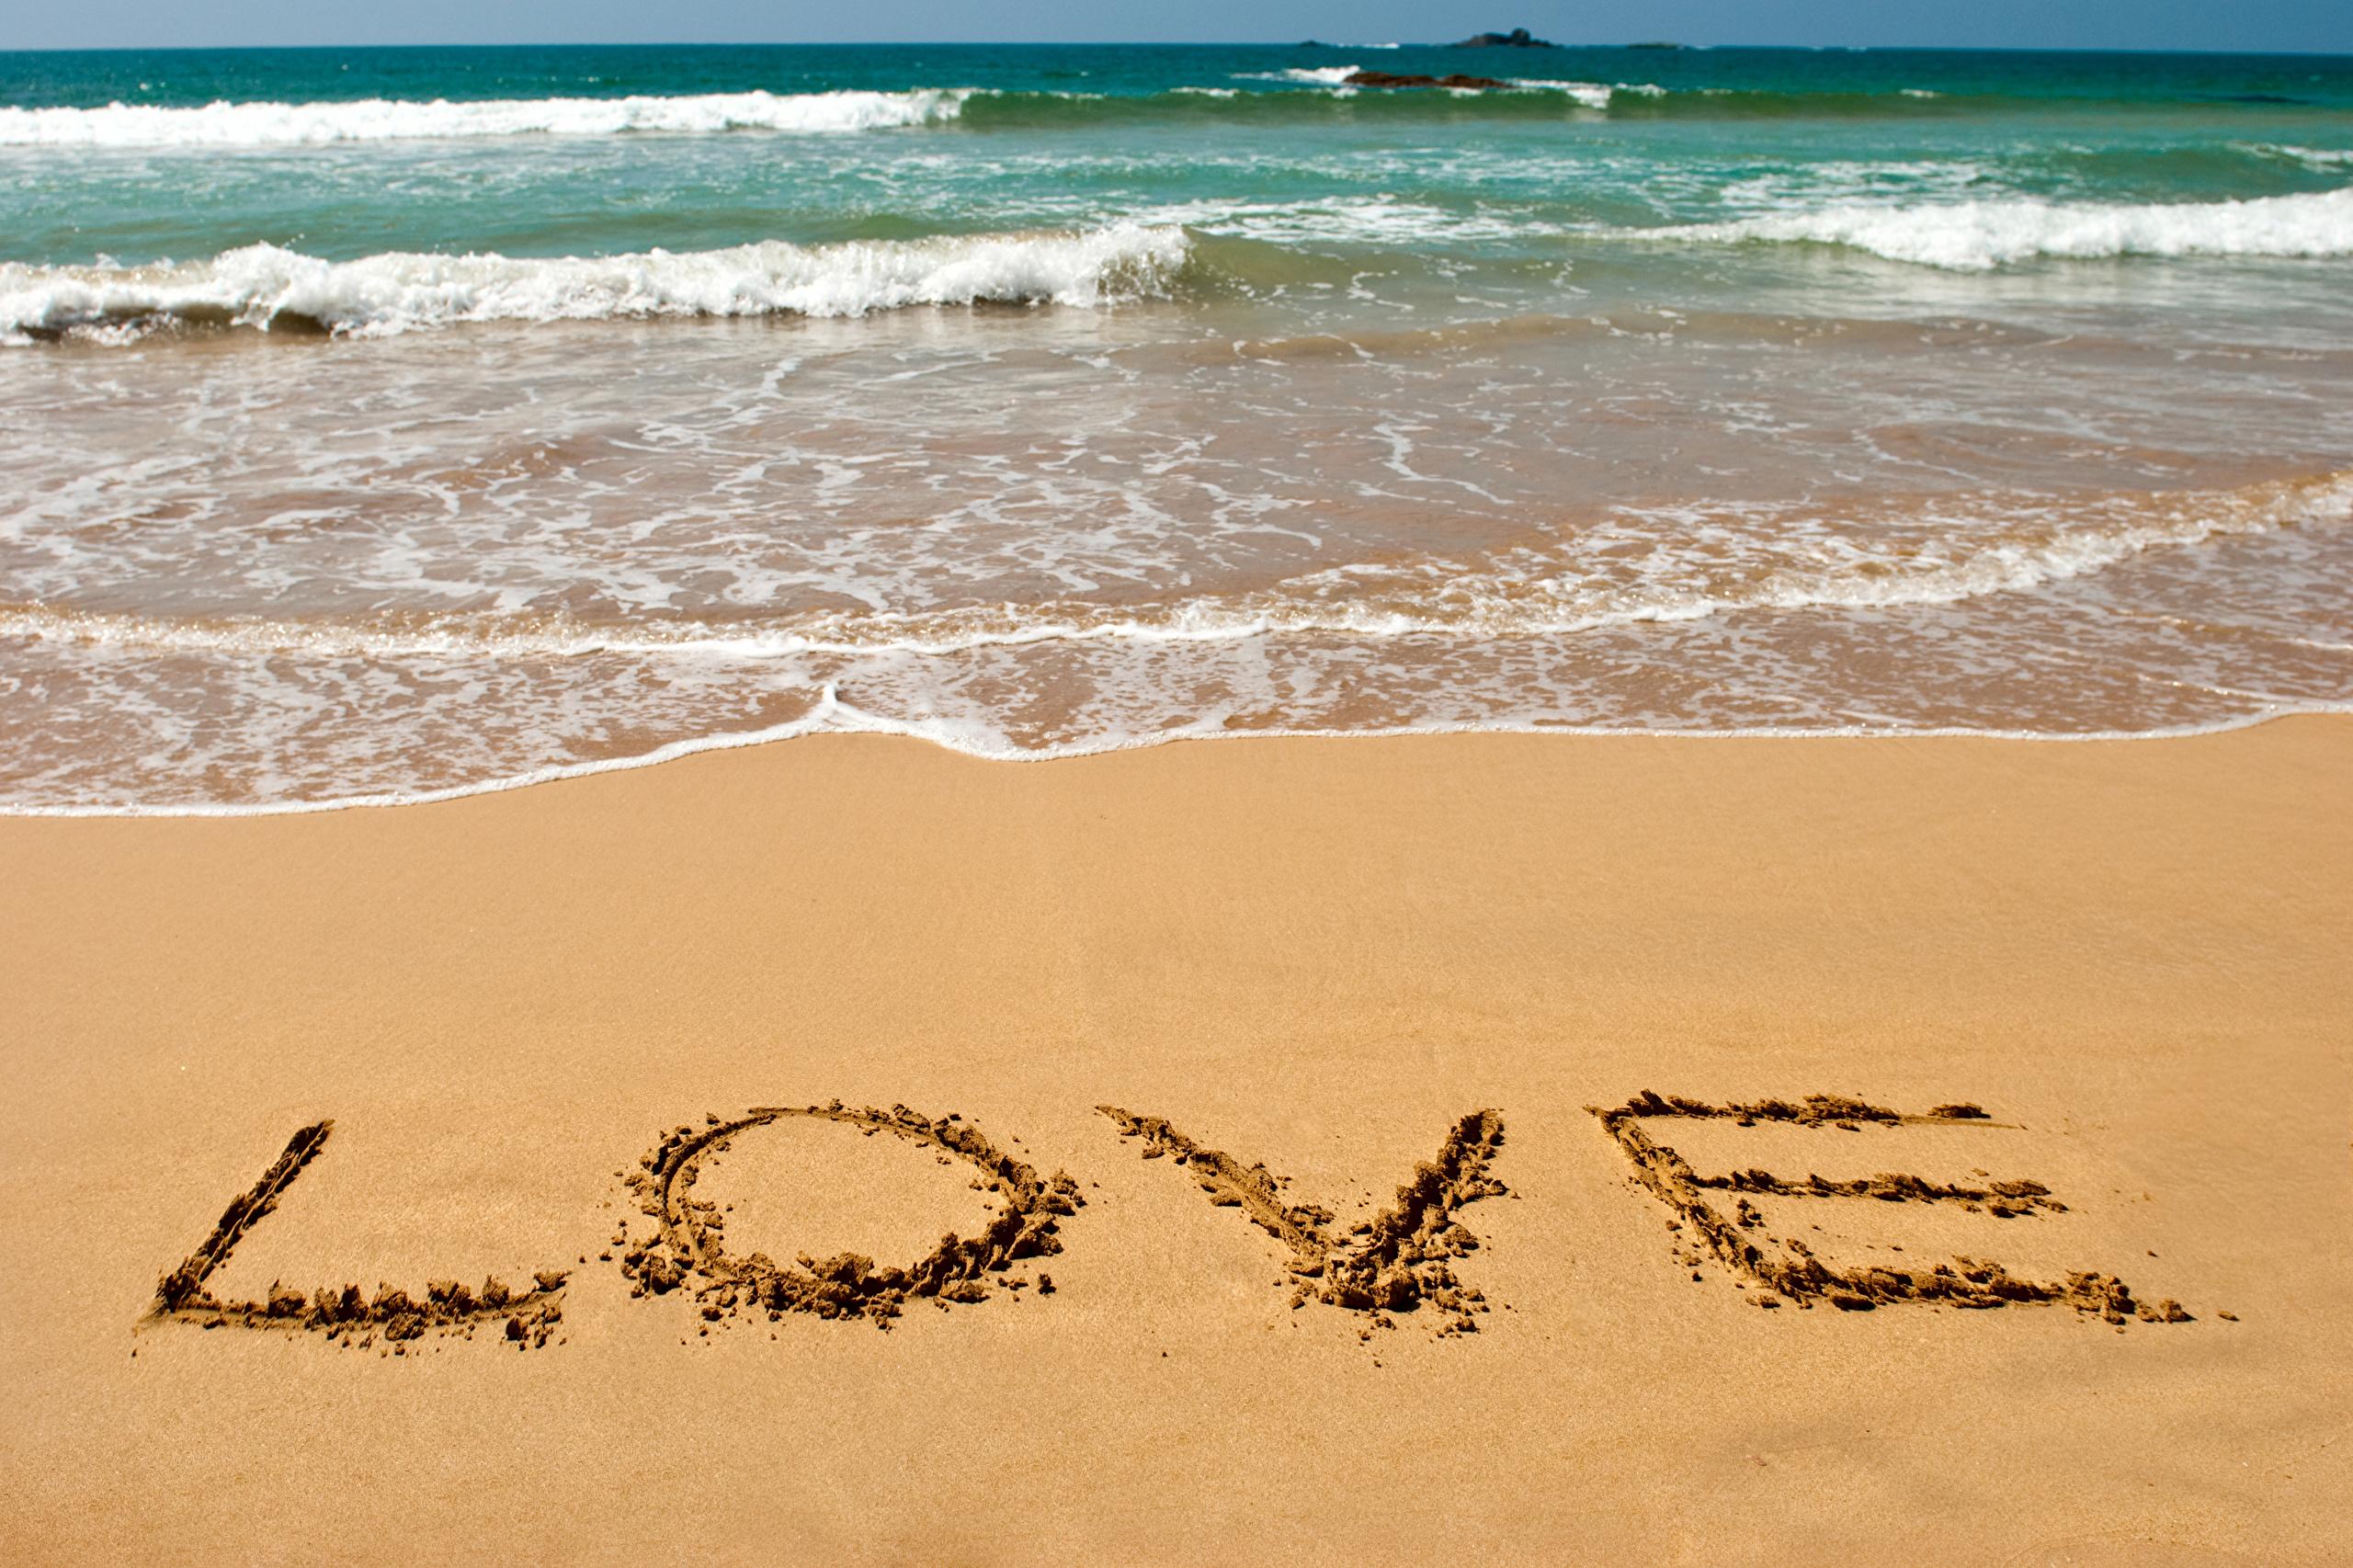 2011 надпись на песке возле волн  № 3342100 бесплатно